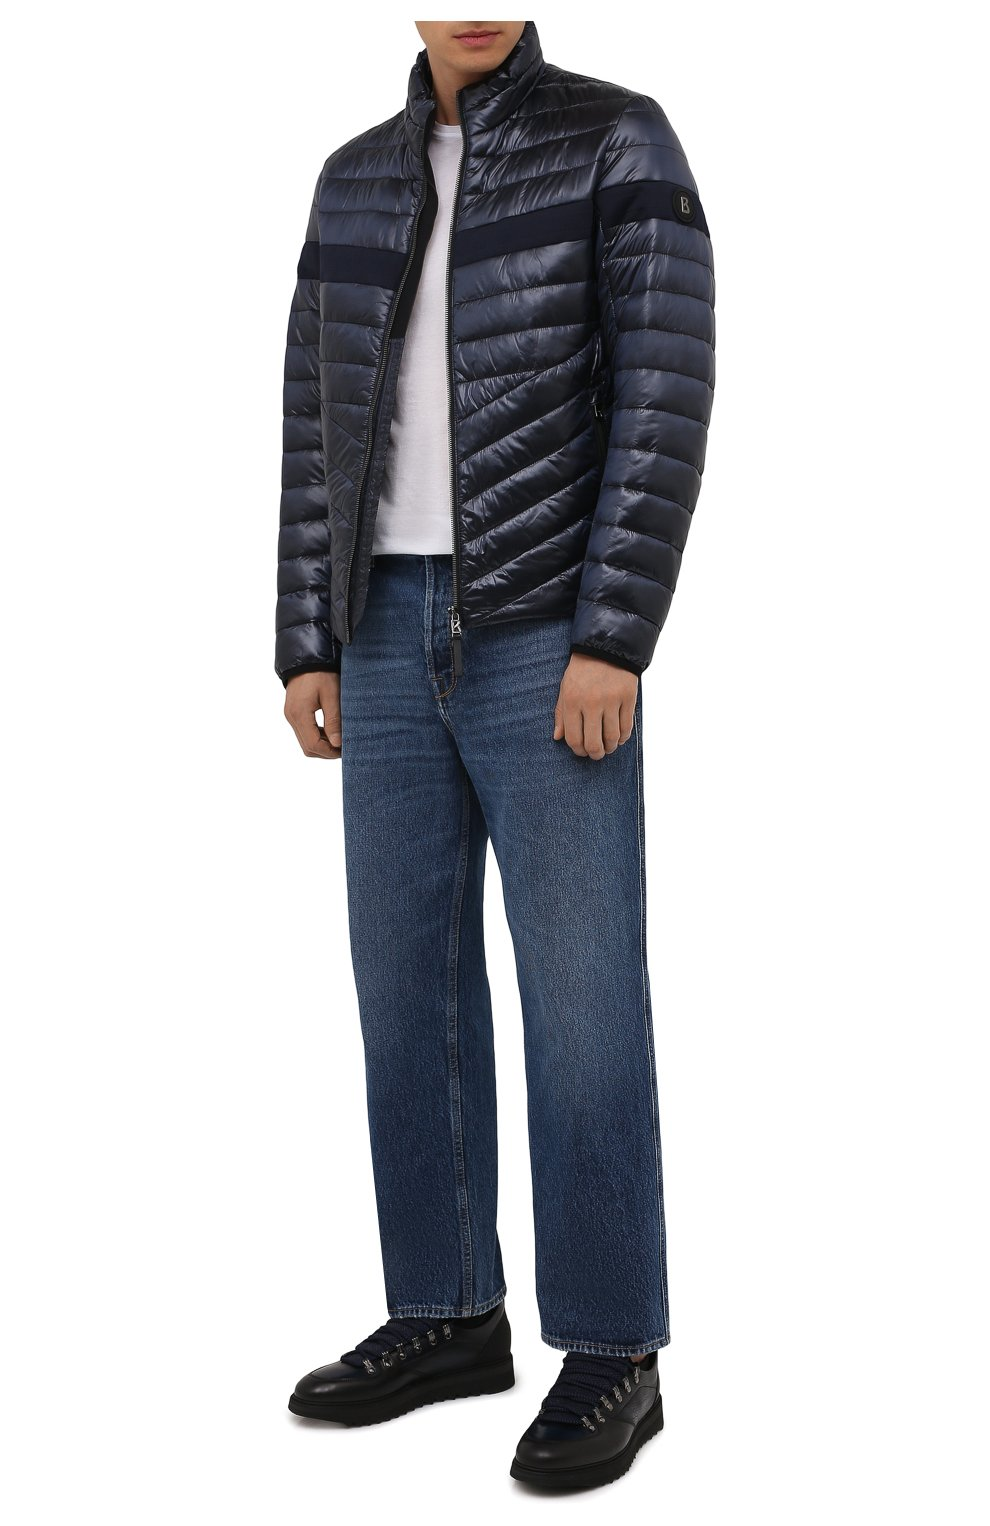 Мужская утепленная куртка BOGNER темно-синего цвета, арт. 38426549   Фото 2 (Кросс-КТ: Куртка; Мужское Кросс-КТ: пуховик-короткий; Рукава: Длинные; Материал внешний: Синтетический материал; Материал подклада: Синтетический материал; Длина (верхняя одежда): Короткие; Стили: Кэжуэл)